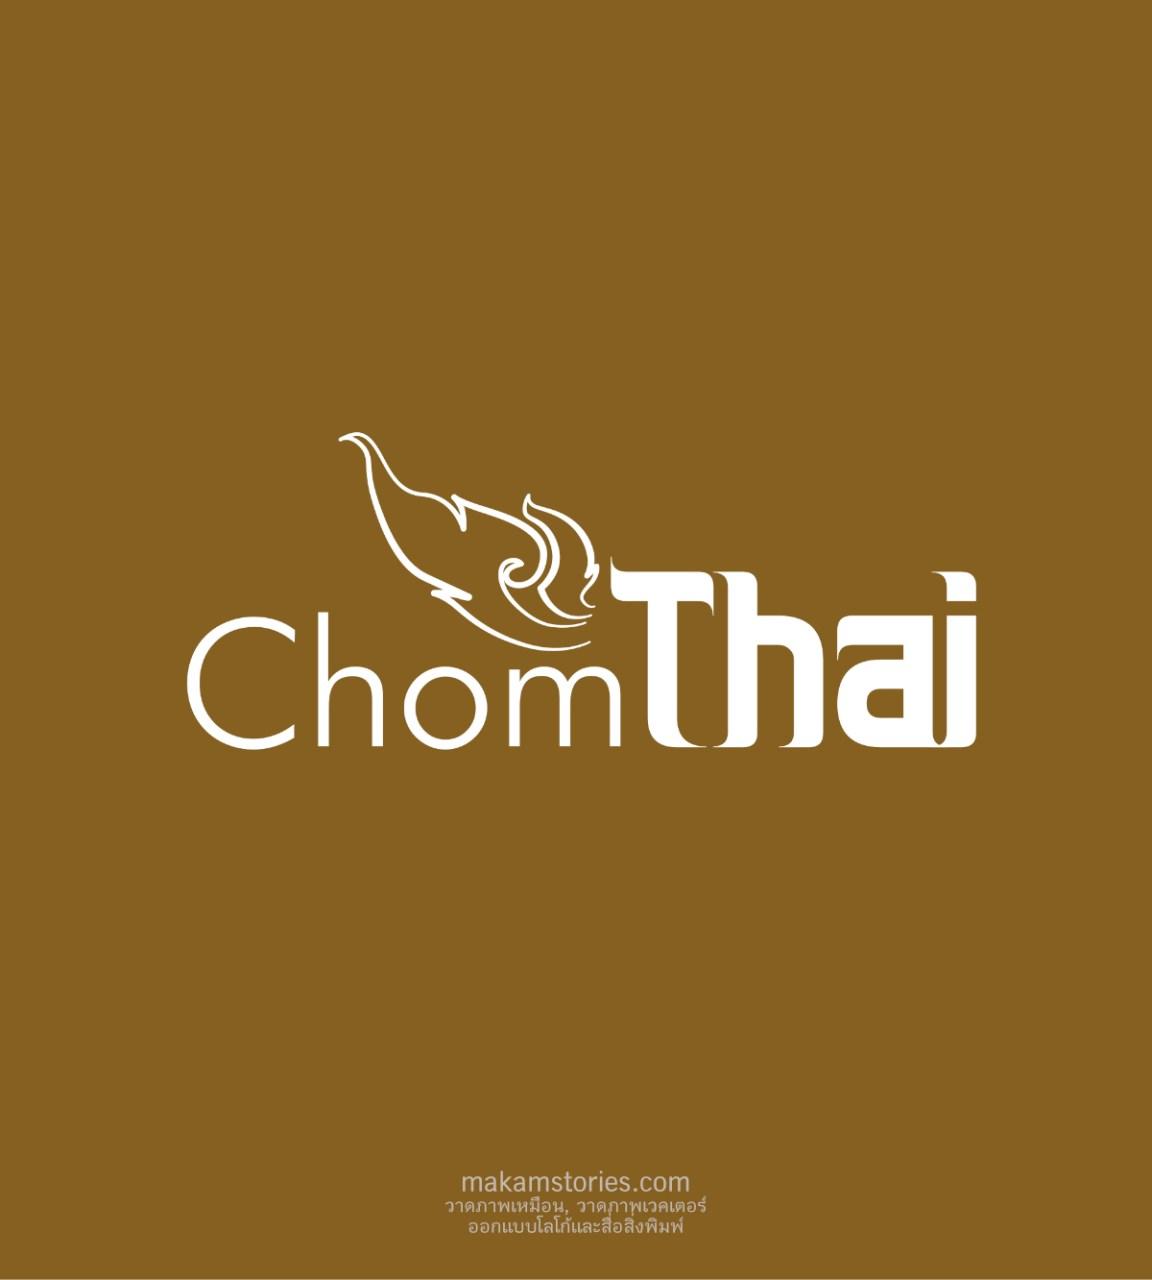 ChomThai Logo ออกแบบโลโก้ร้านสปานวดแผนไทย ออกแบบโลโก้สไตล์ไทย